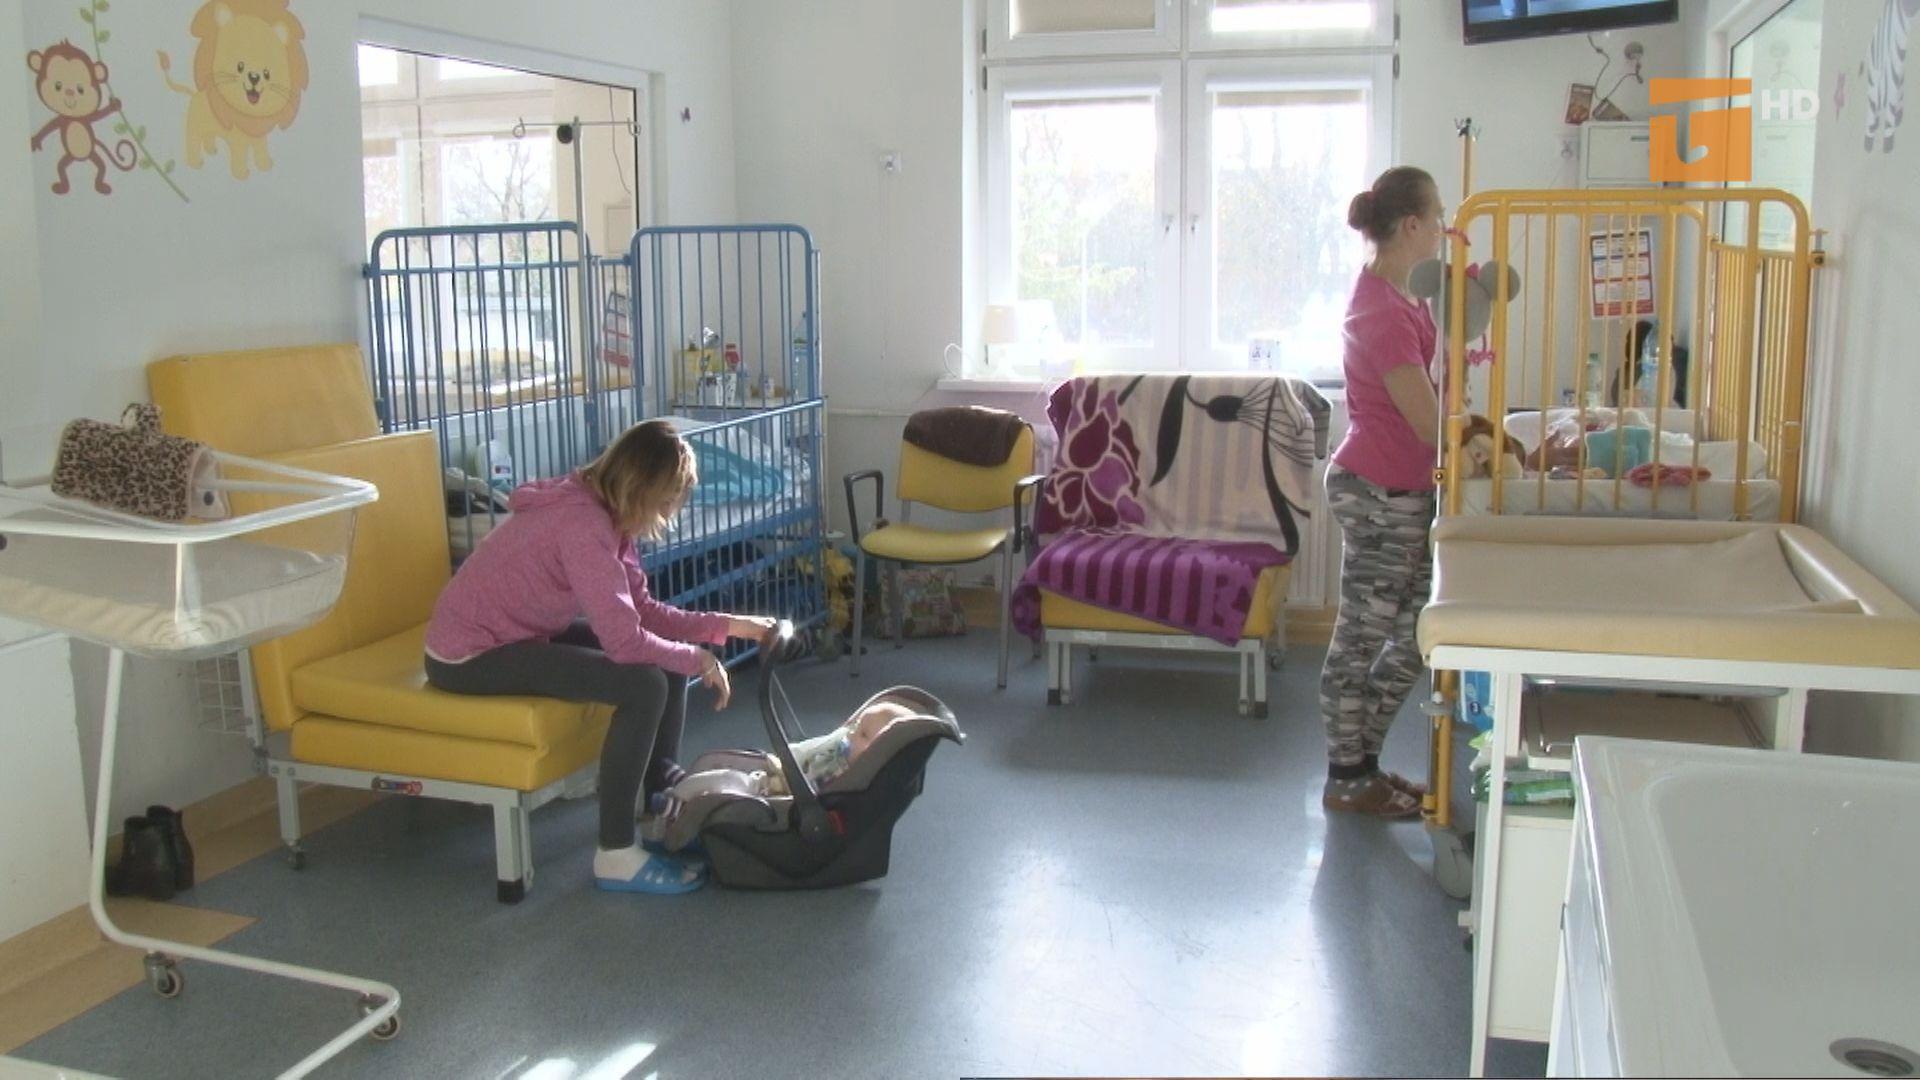 Czy w szpitalu powiatowym w Tczewie dostępne są łóżka dla rodziców hospitalizowanych dzieci?